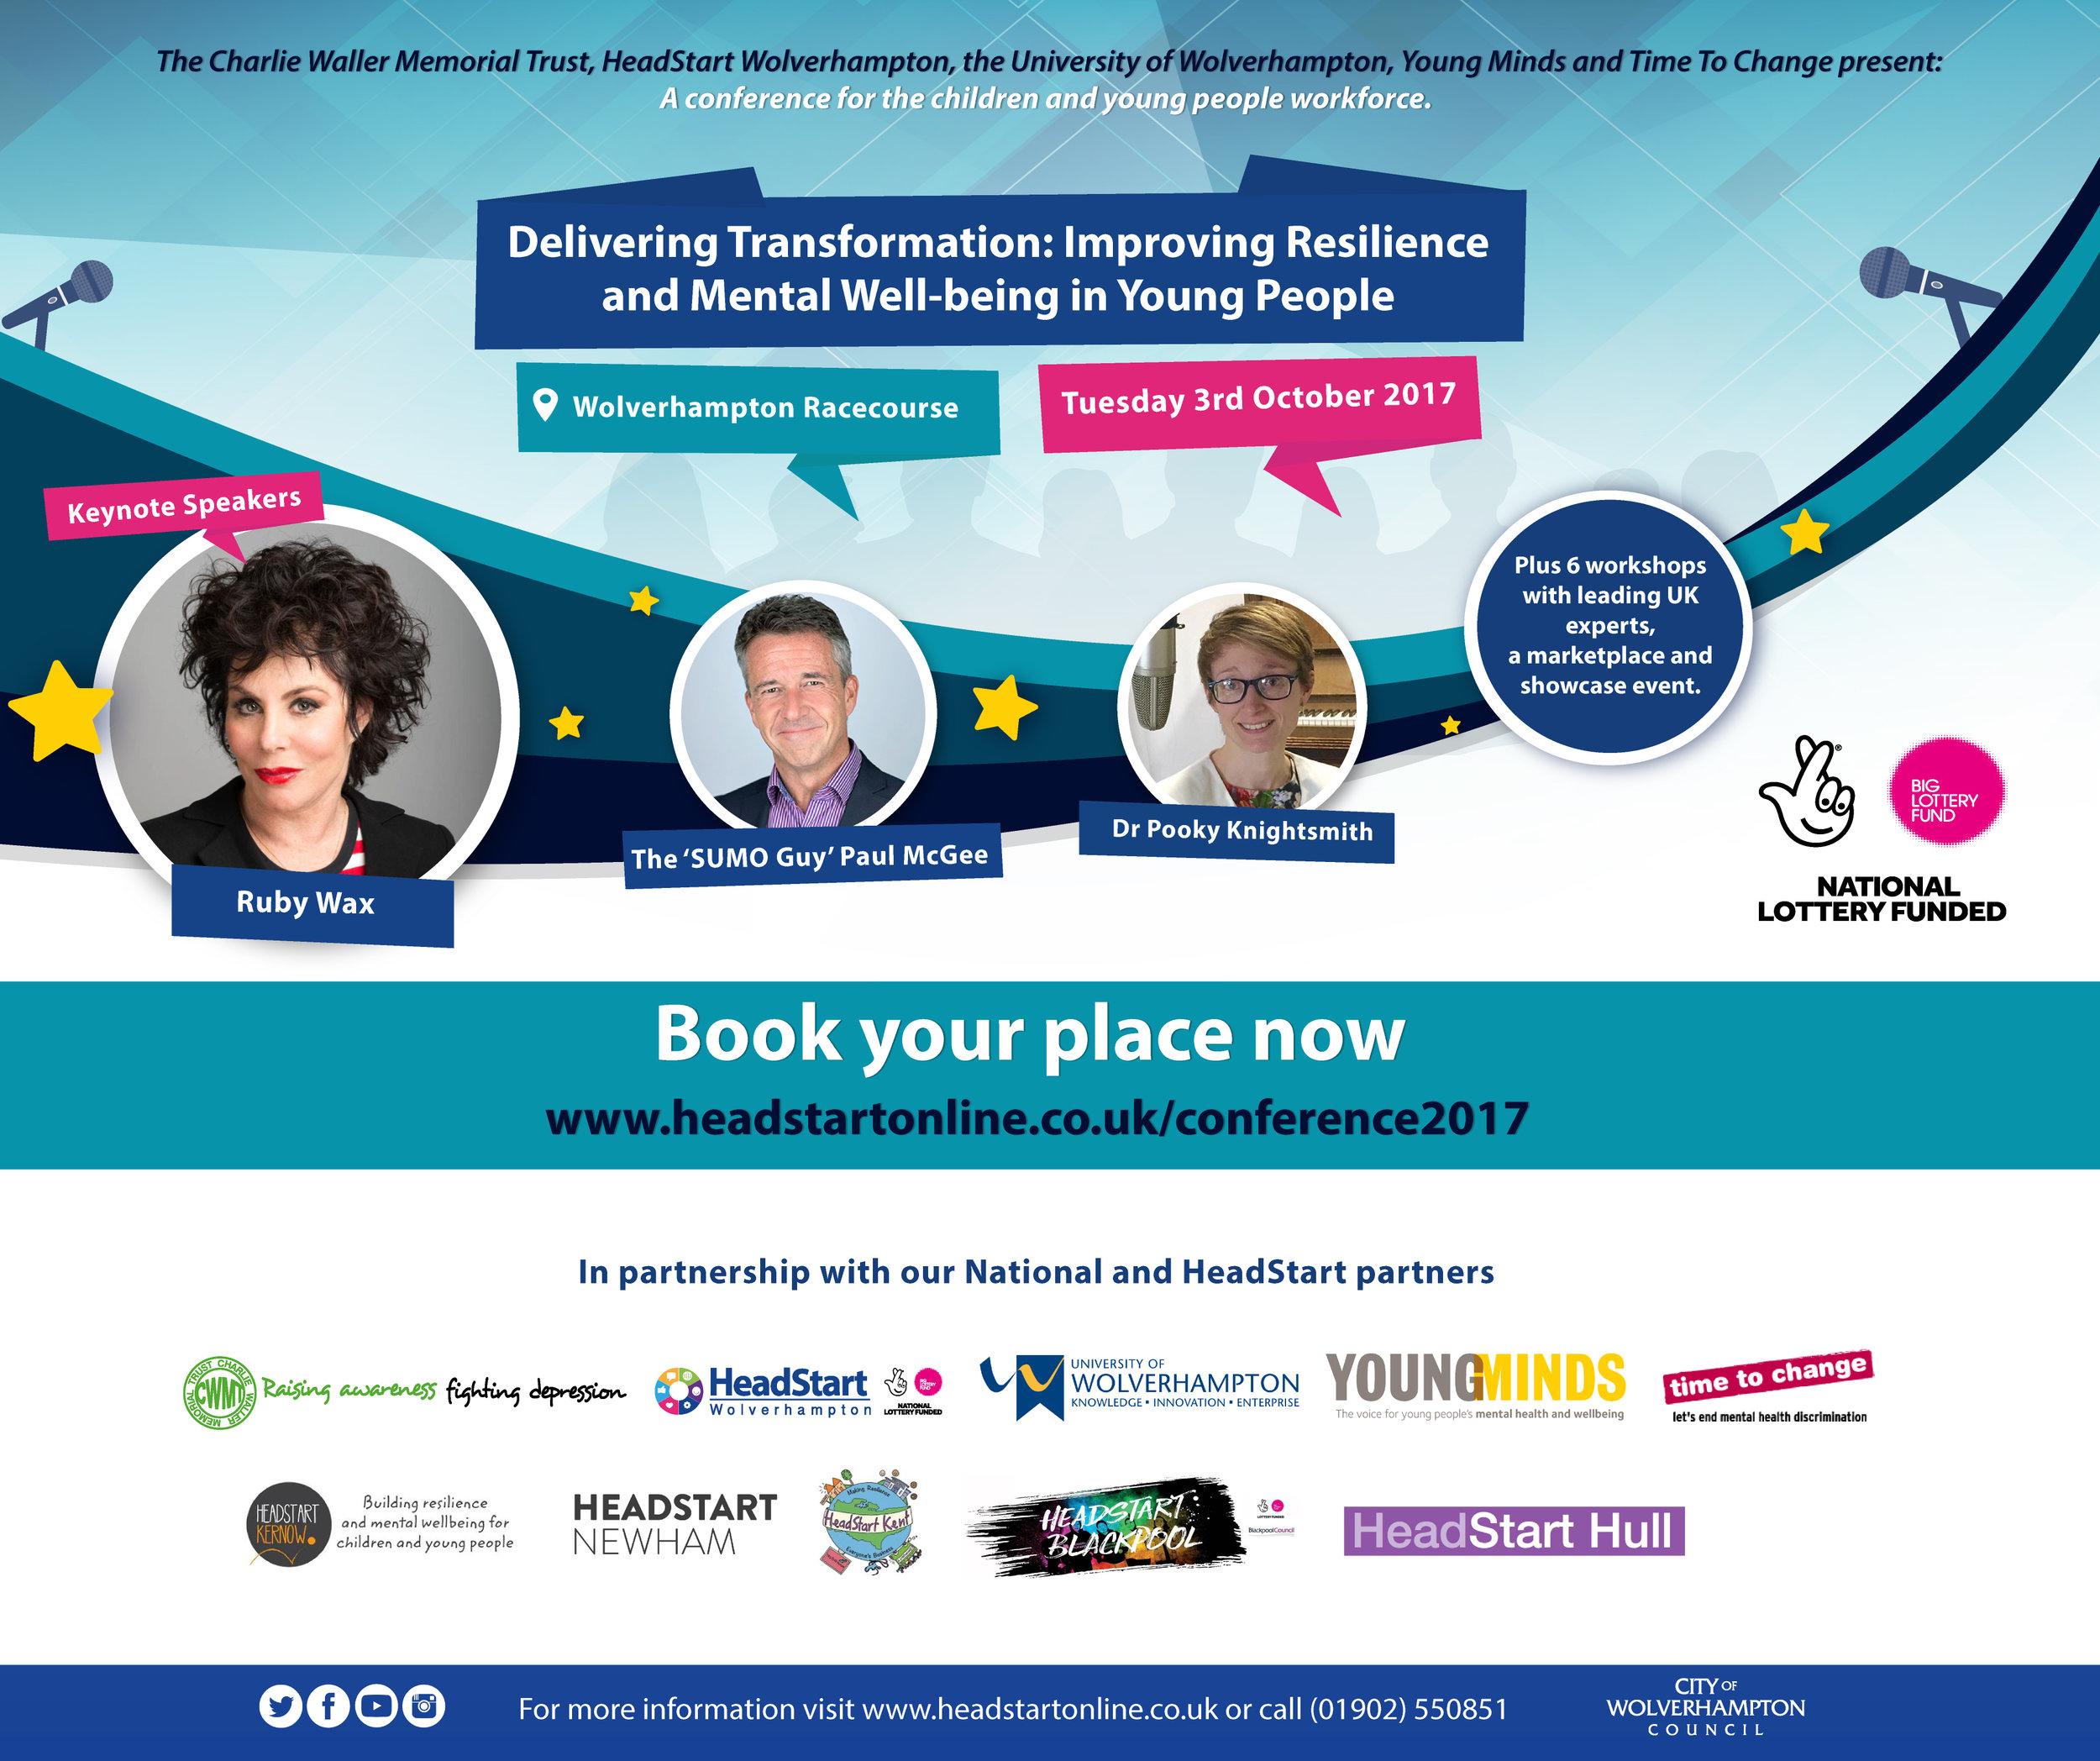 editHeadStart-october-Conference-social-media2.jpg